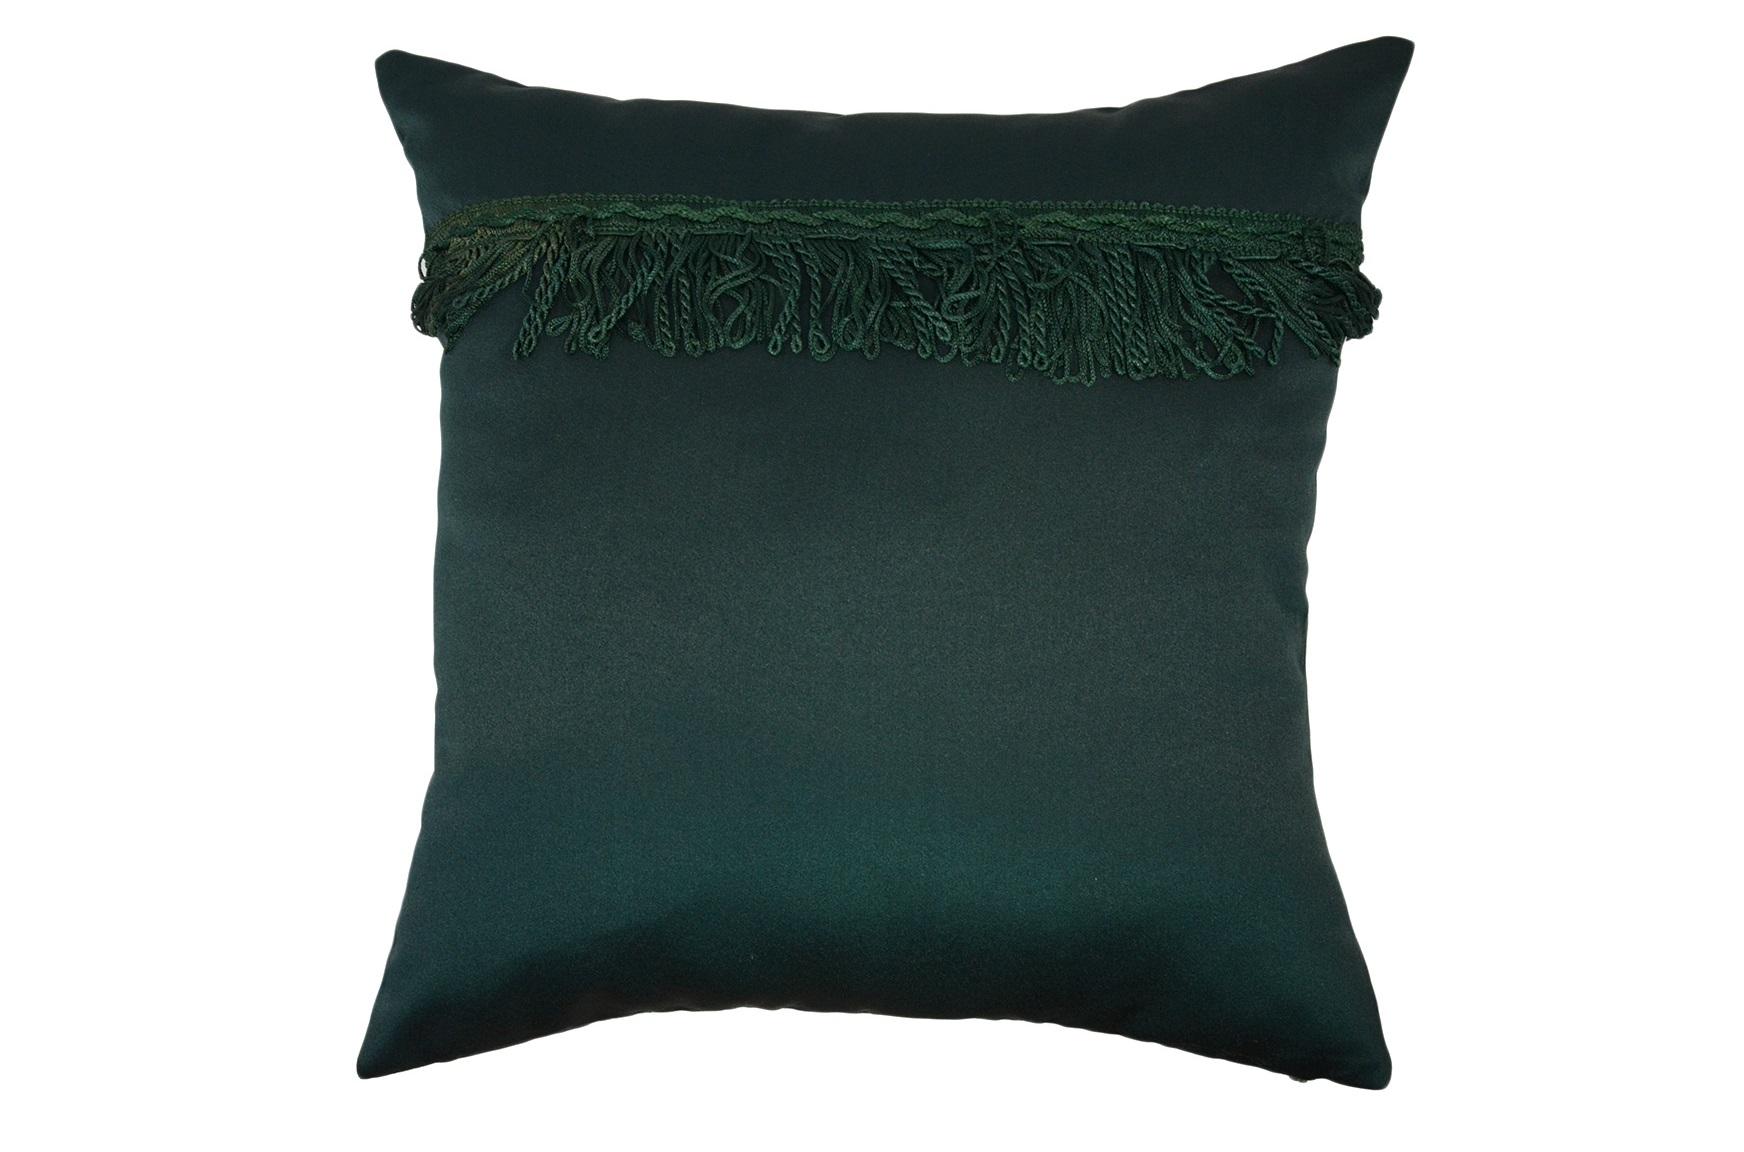 Подушка МаркизаКвадратные подушки и наволочки<br>Декоративная  подушка .Чехол съемный.<br><br>Material: Вискоза<br>Ширина см: 45<br>Высота см: 45<br>Глубина см: 15